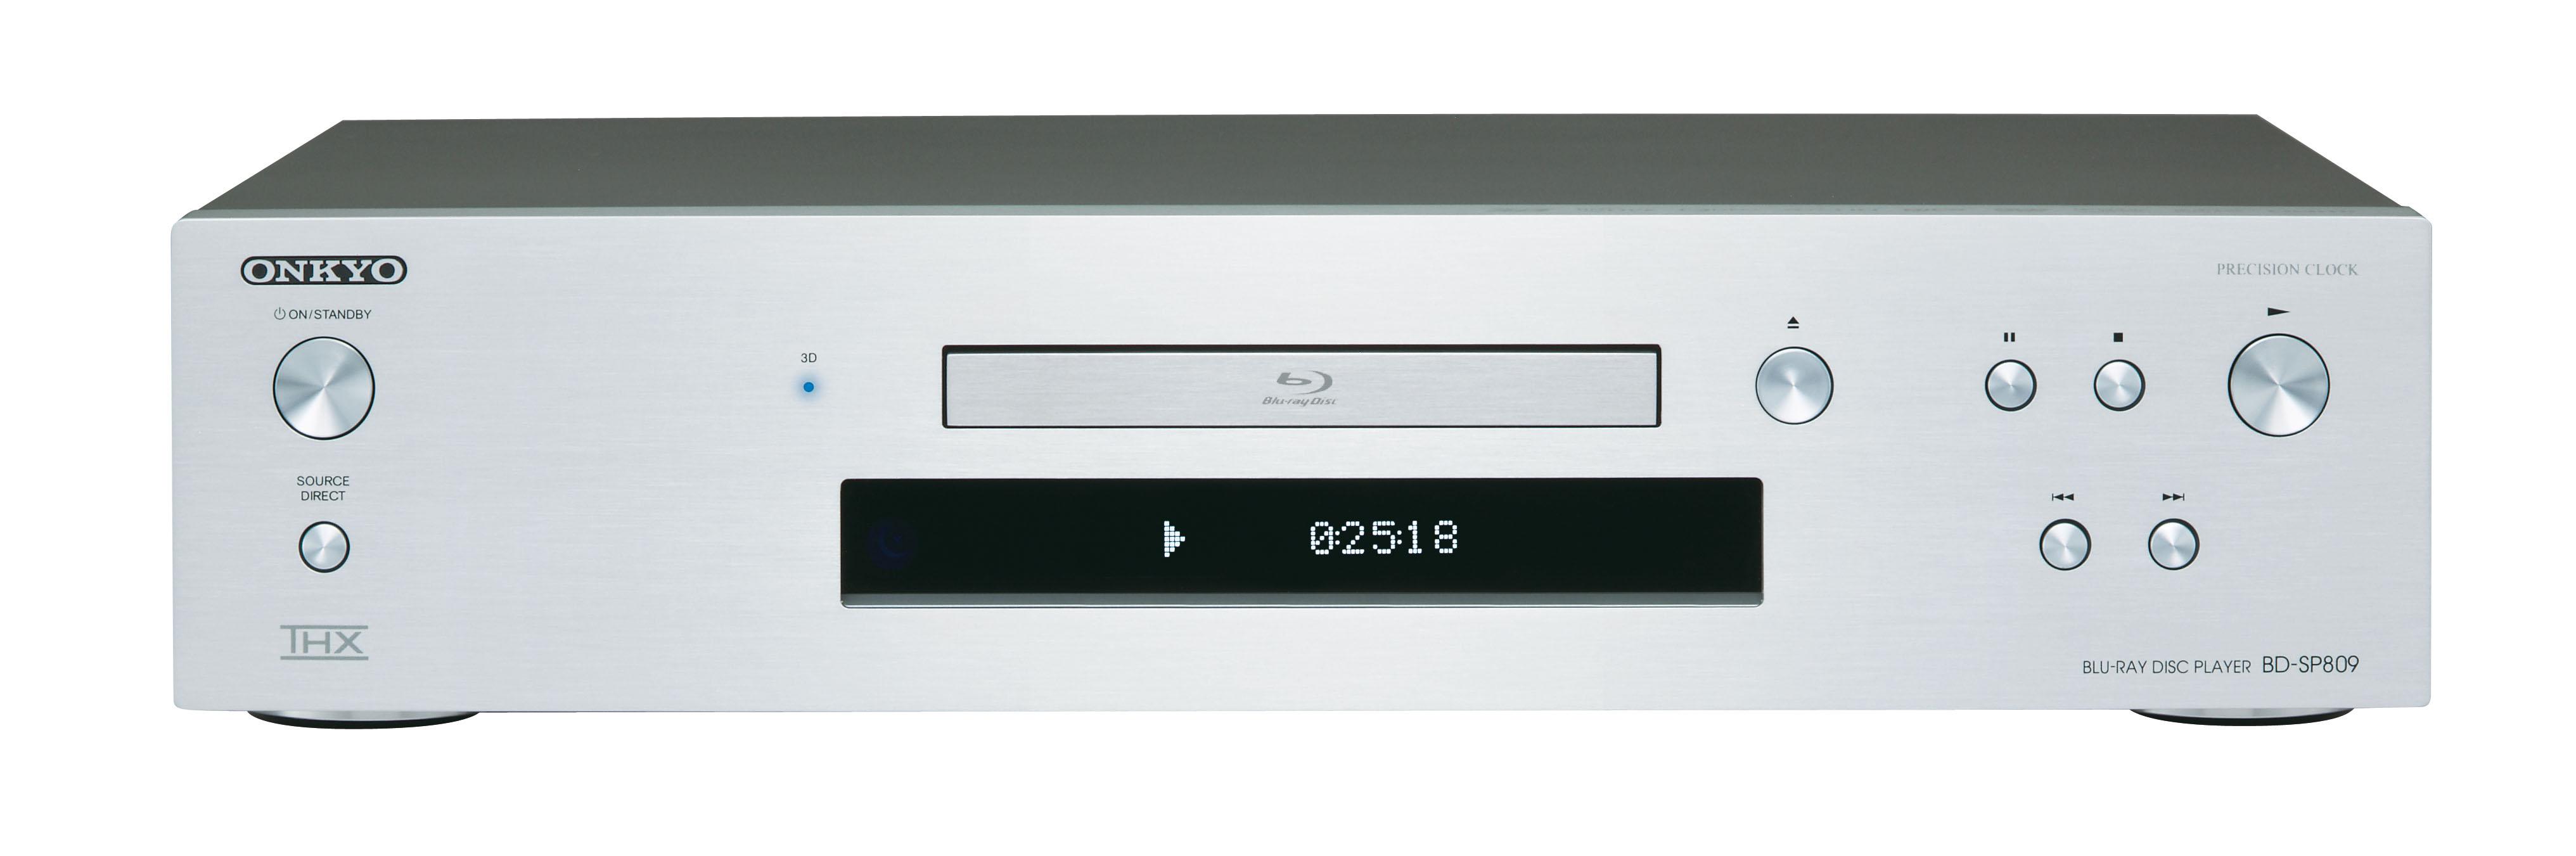 Pin Onkyo-dv-bd-606-dvd-player on Pinterest